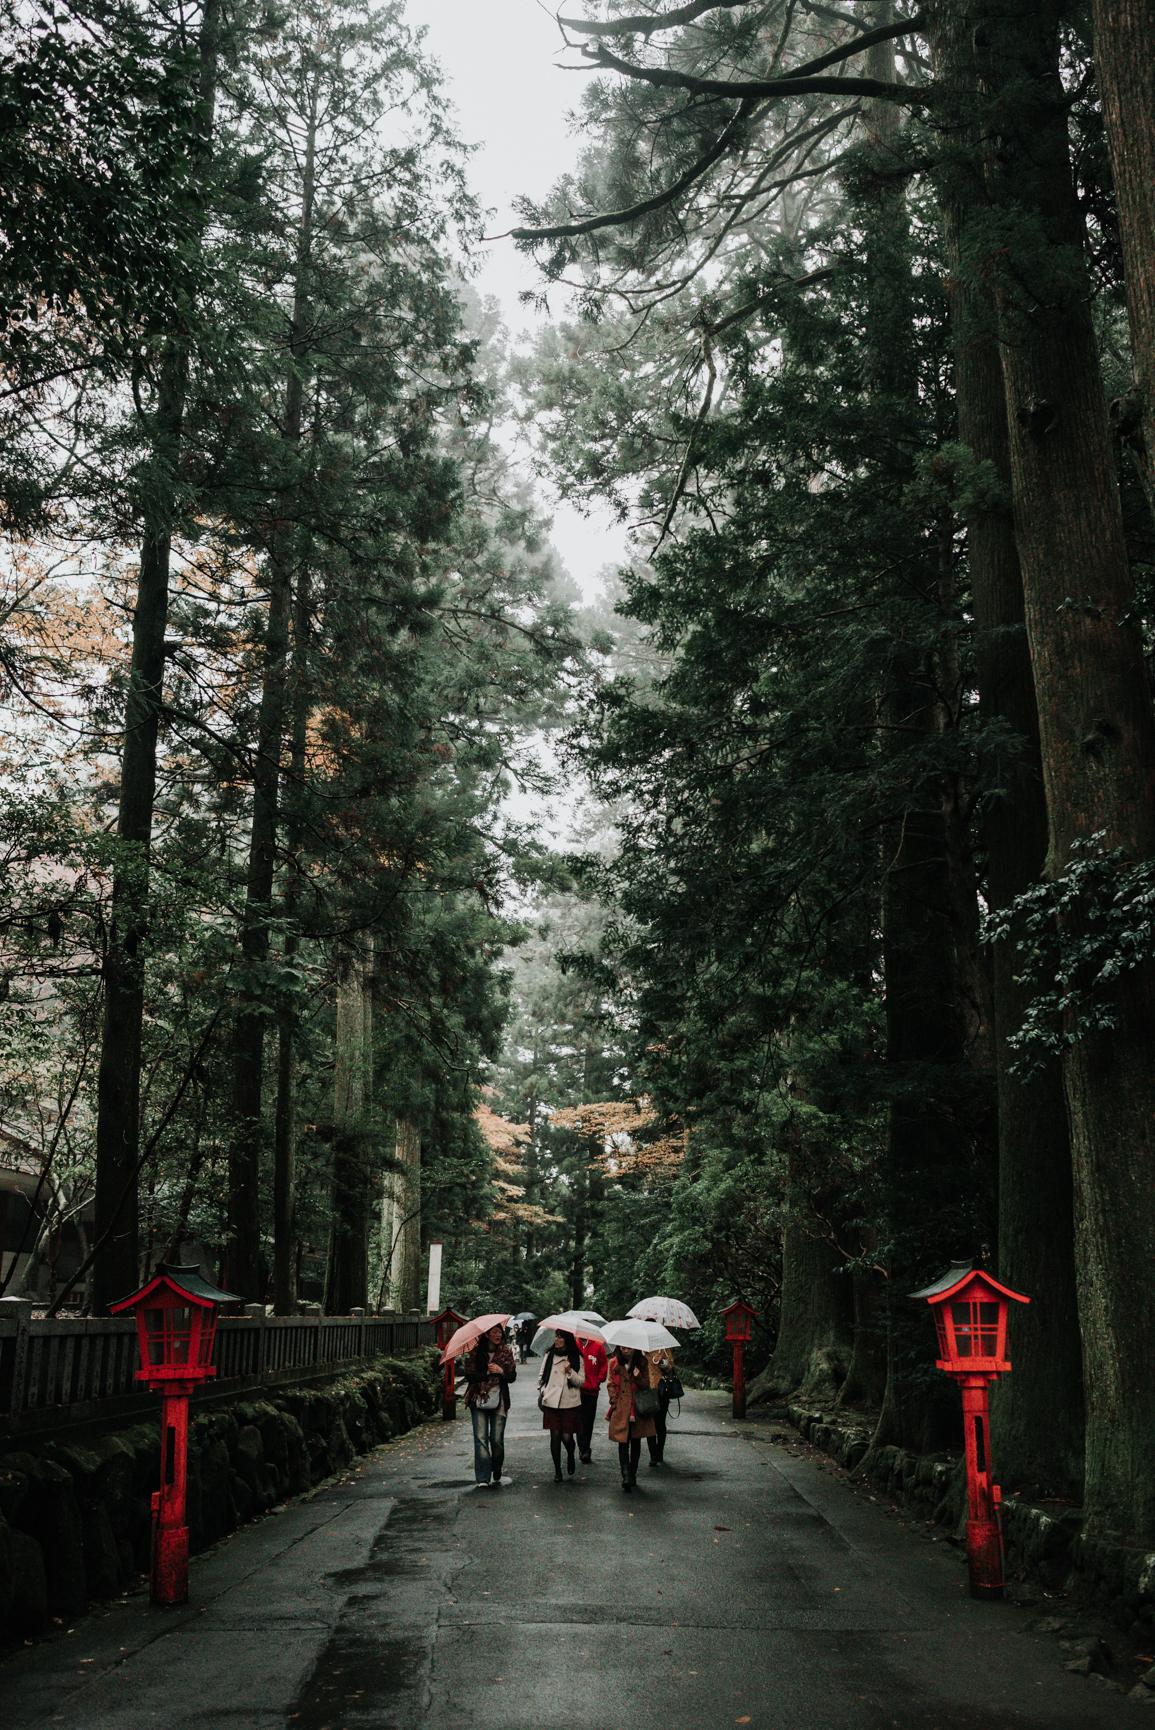 161119-Japan-5003207-135300-0425.jpg